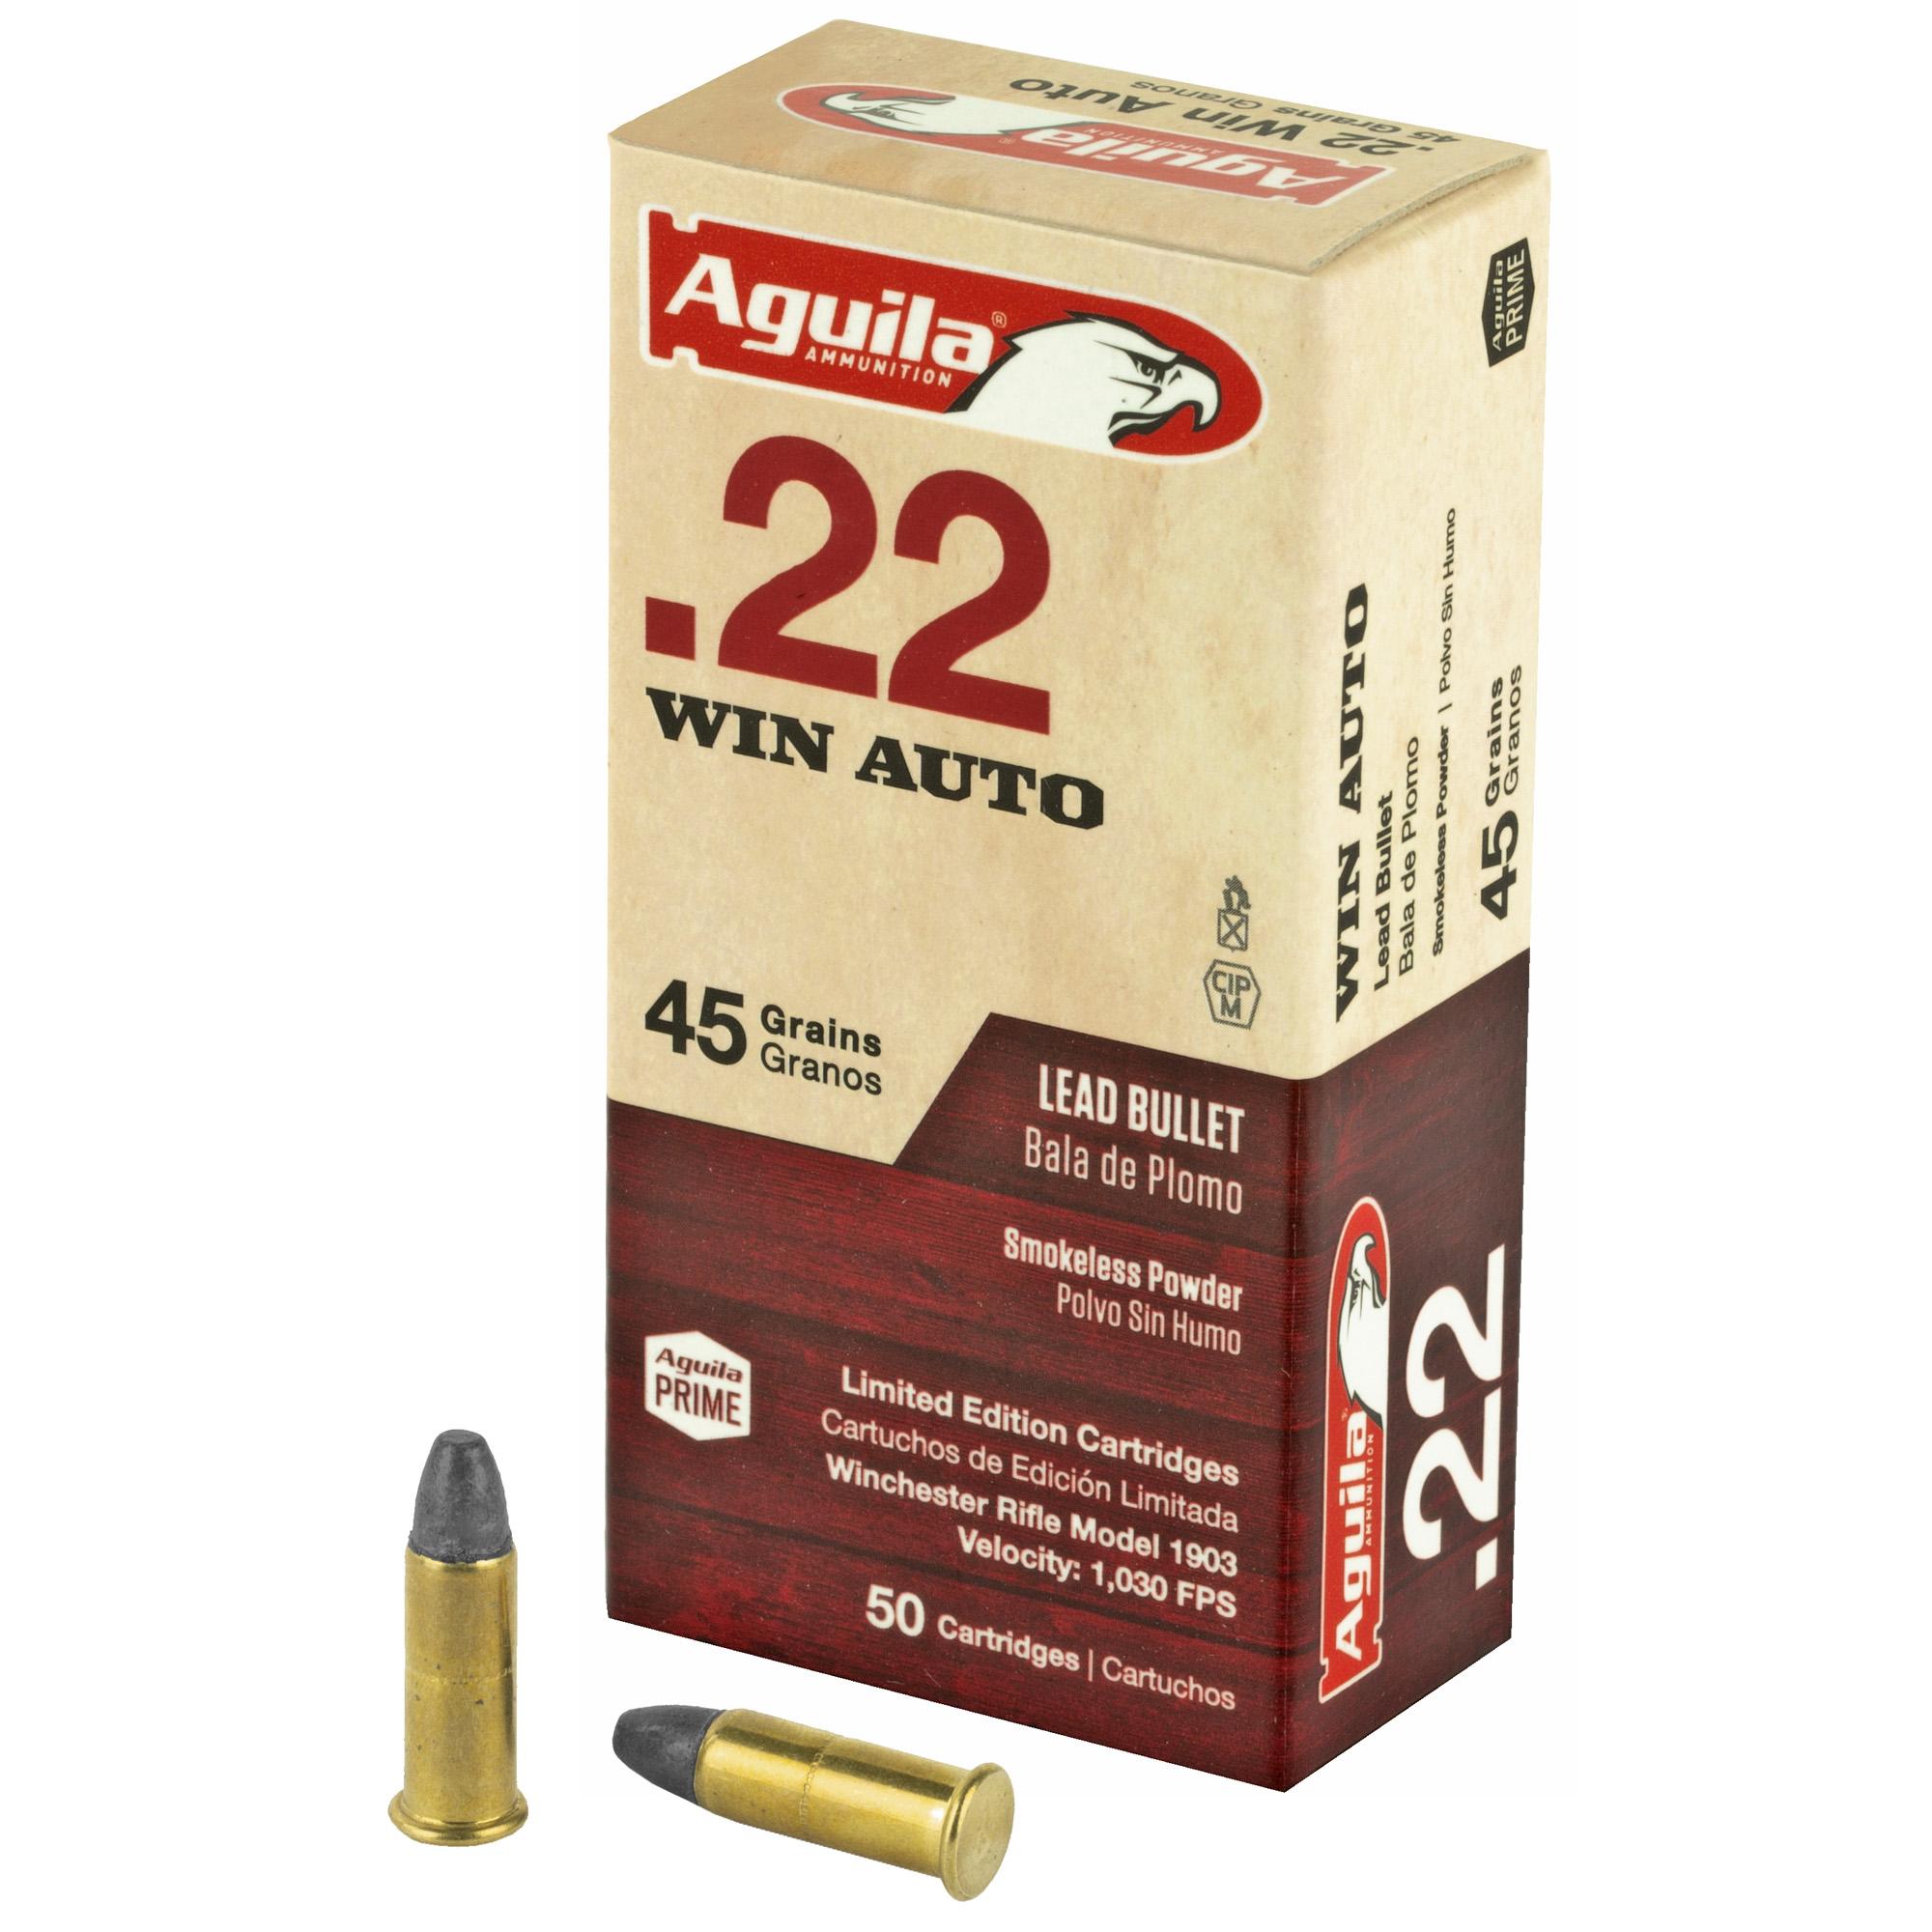 Aguila 22 Win Auto 45gr 50/5000